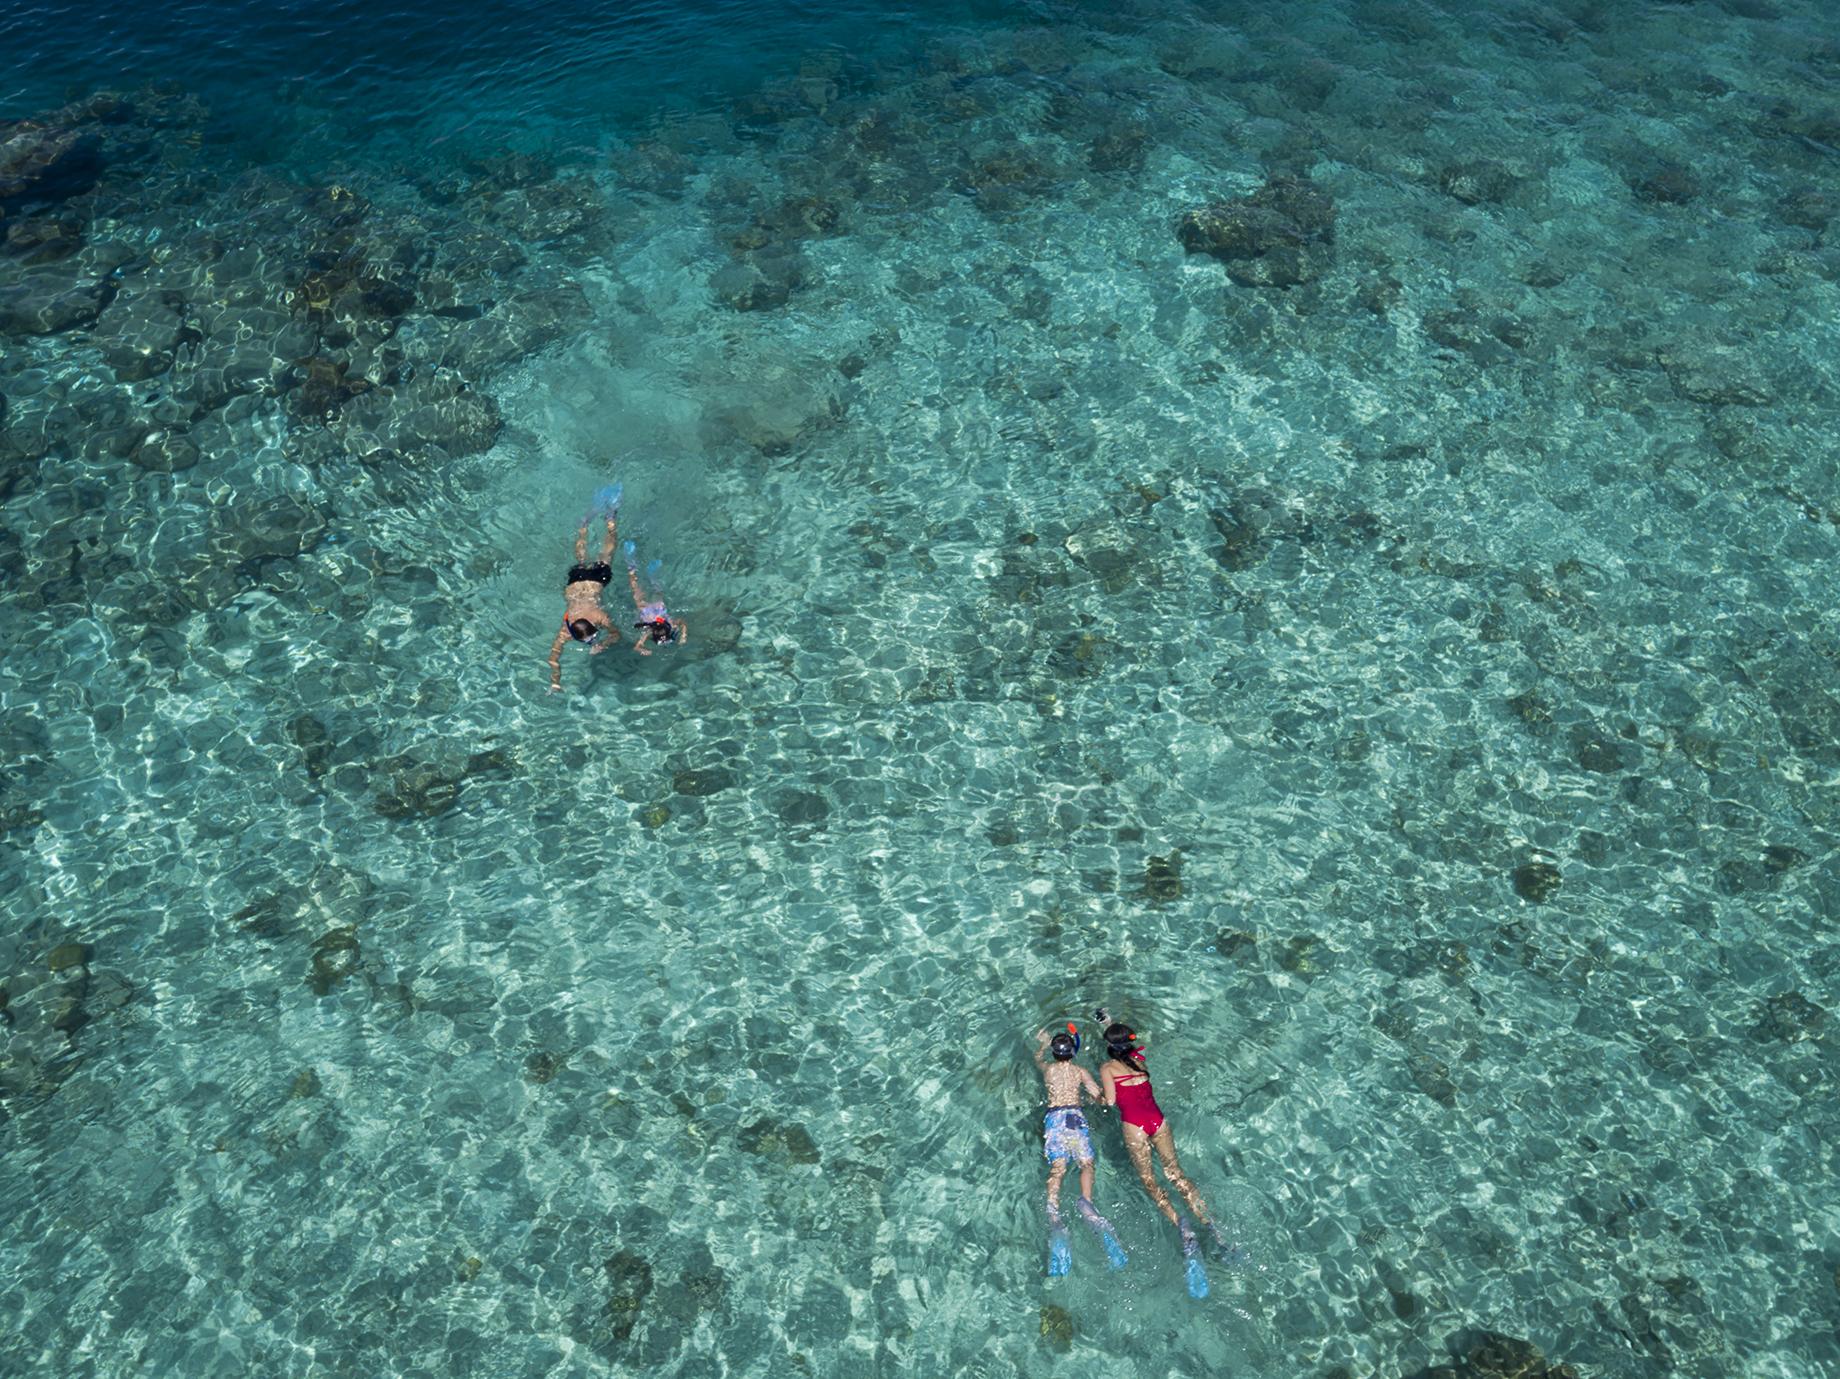 Anantara_Dhigu_Gulhifushi_Snorkelling.jpg